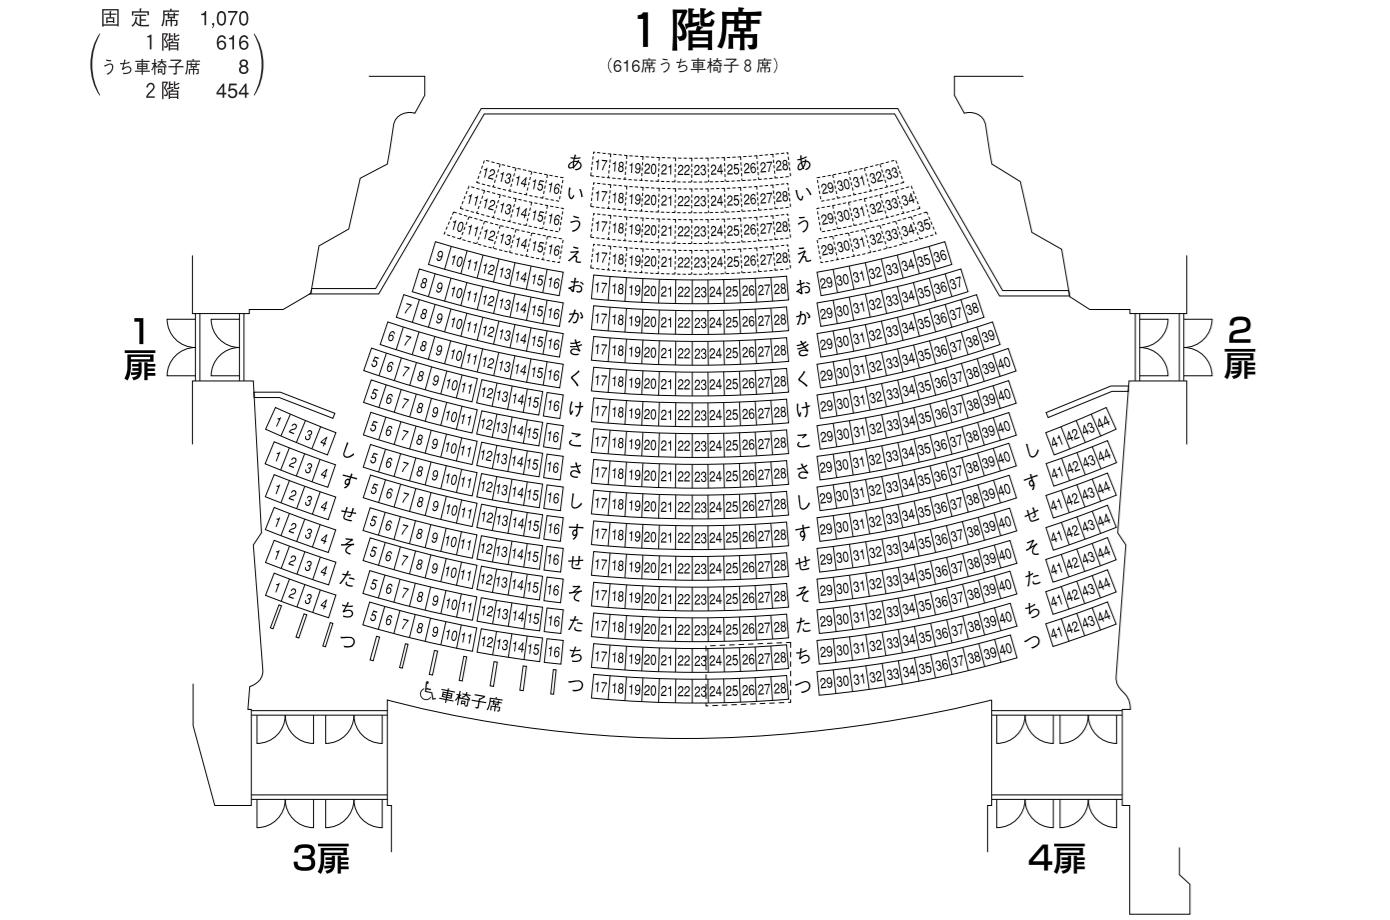 長野県県民文化会館中ホール1階席座席表